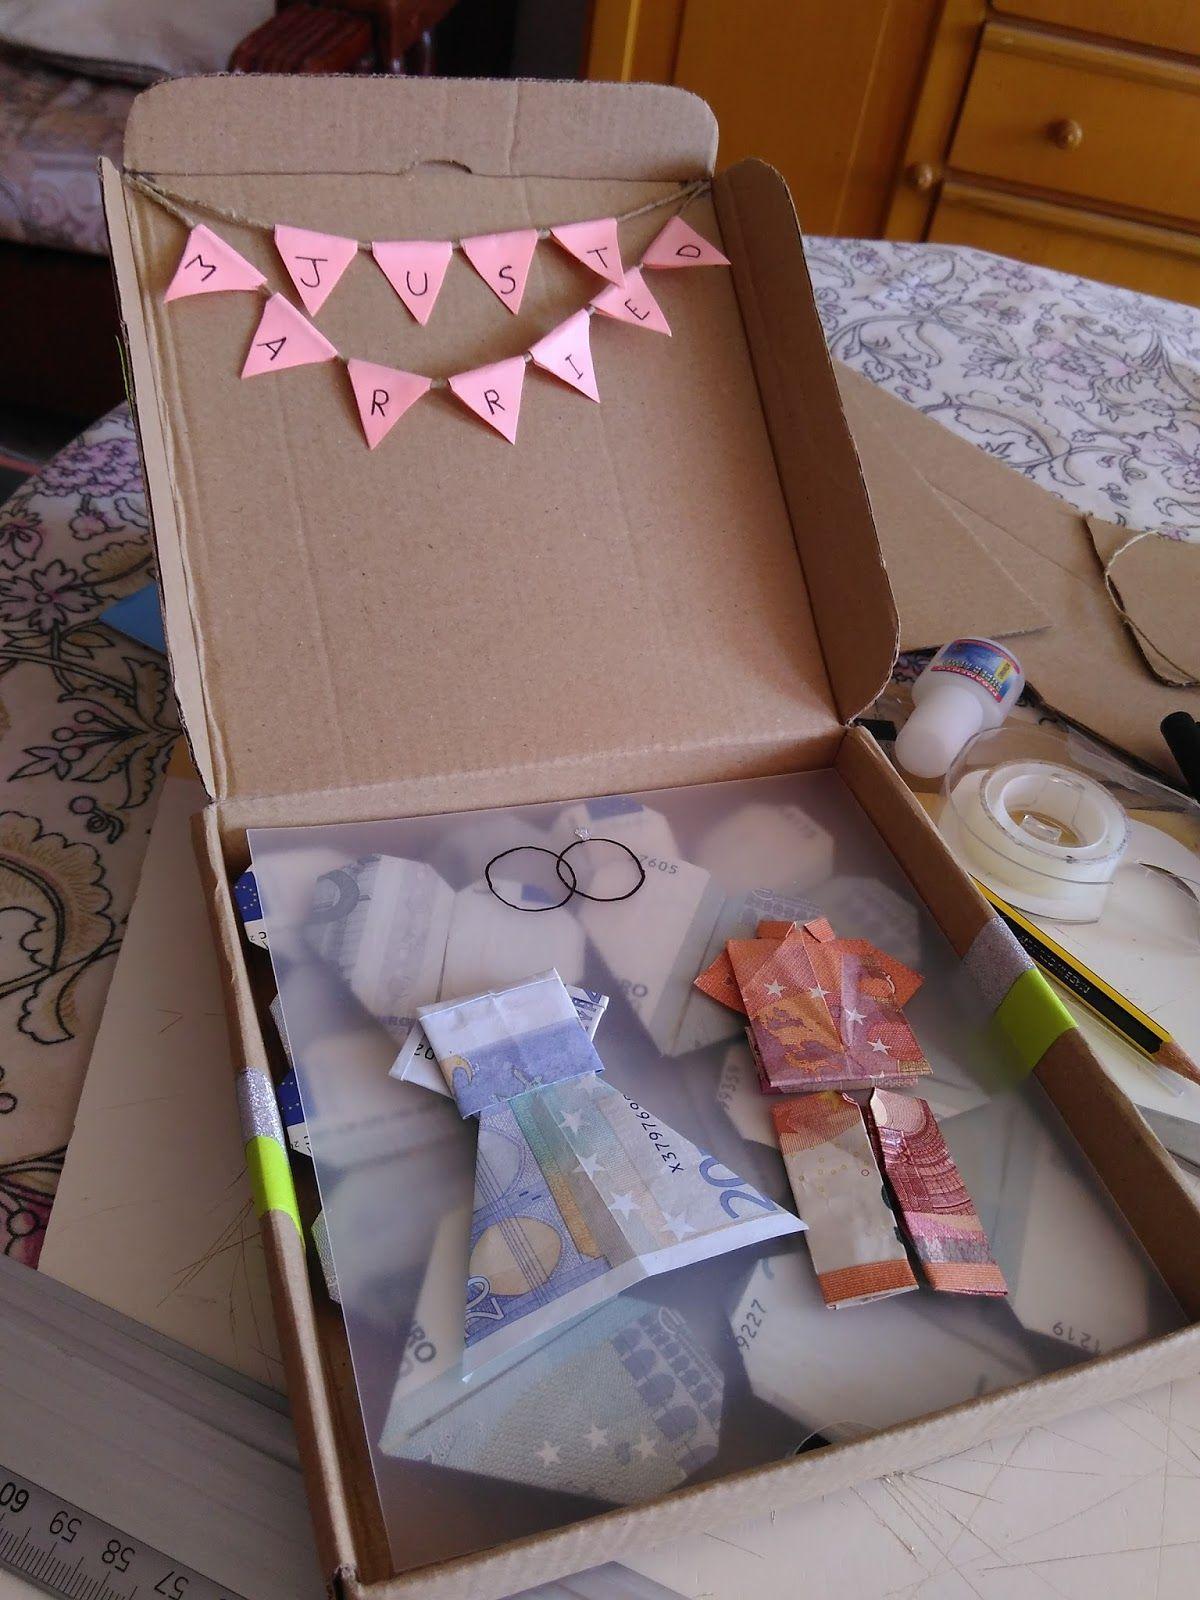 Manos inquietas c mo regalar dinero en una boda de forma original cositas pinterest diy - Ideas para regalar dinero en una boda ...